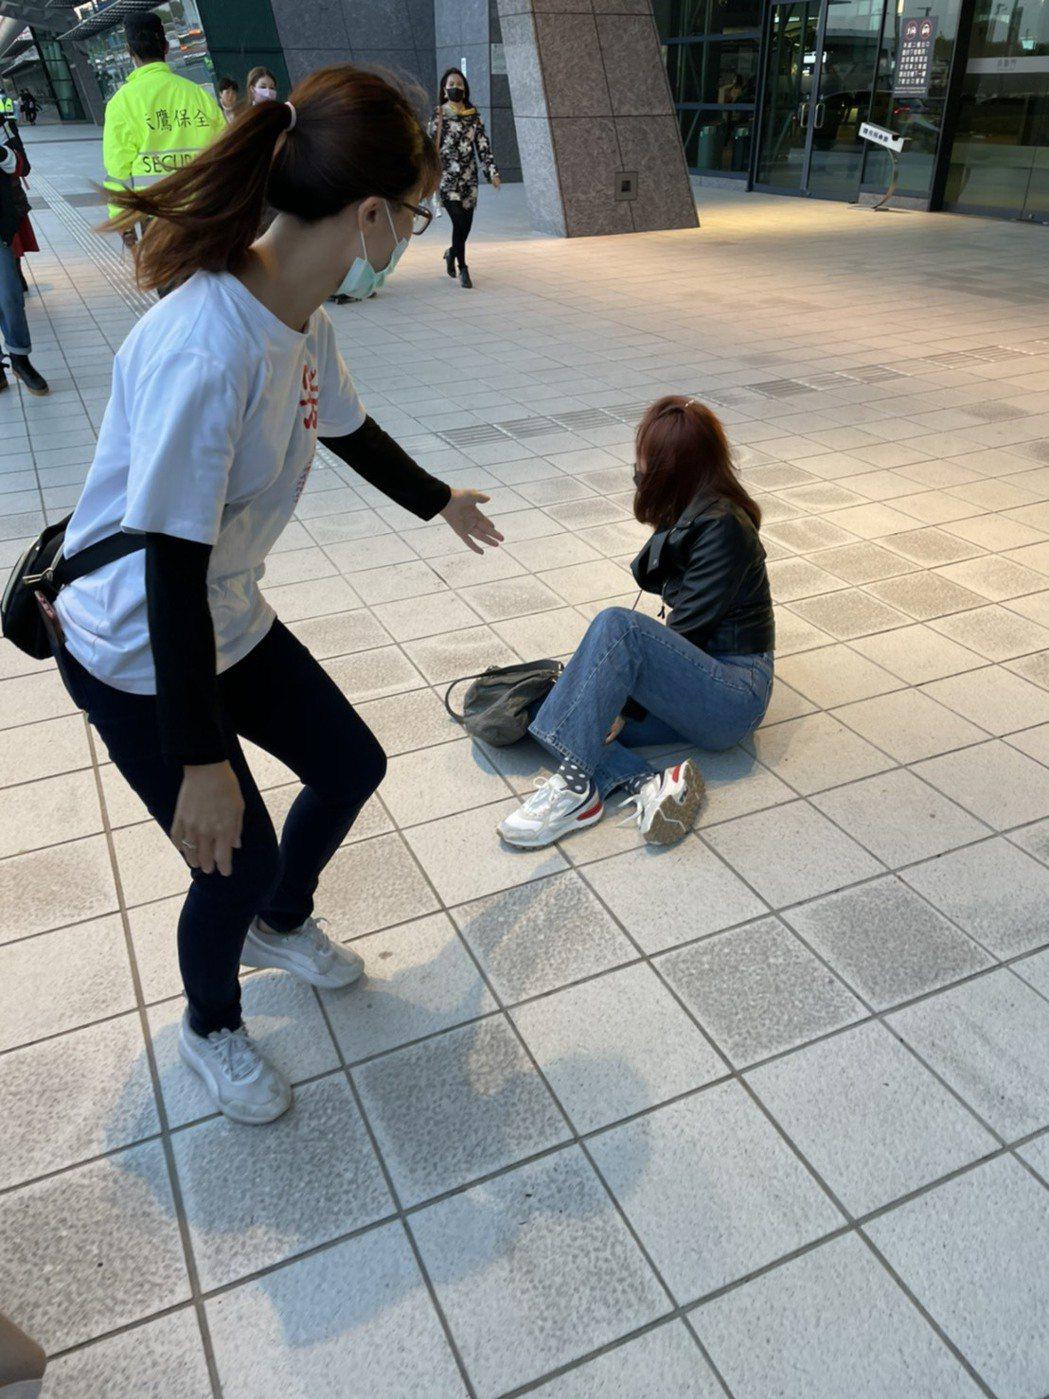 被記者逼問戀情,謝忻綜藝摔在地上,一旁工作人員見狀嚇到前往攙扶。記者葉君遠/攝影